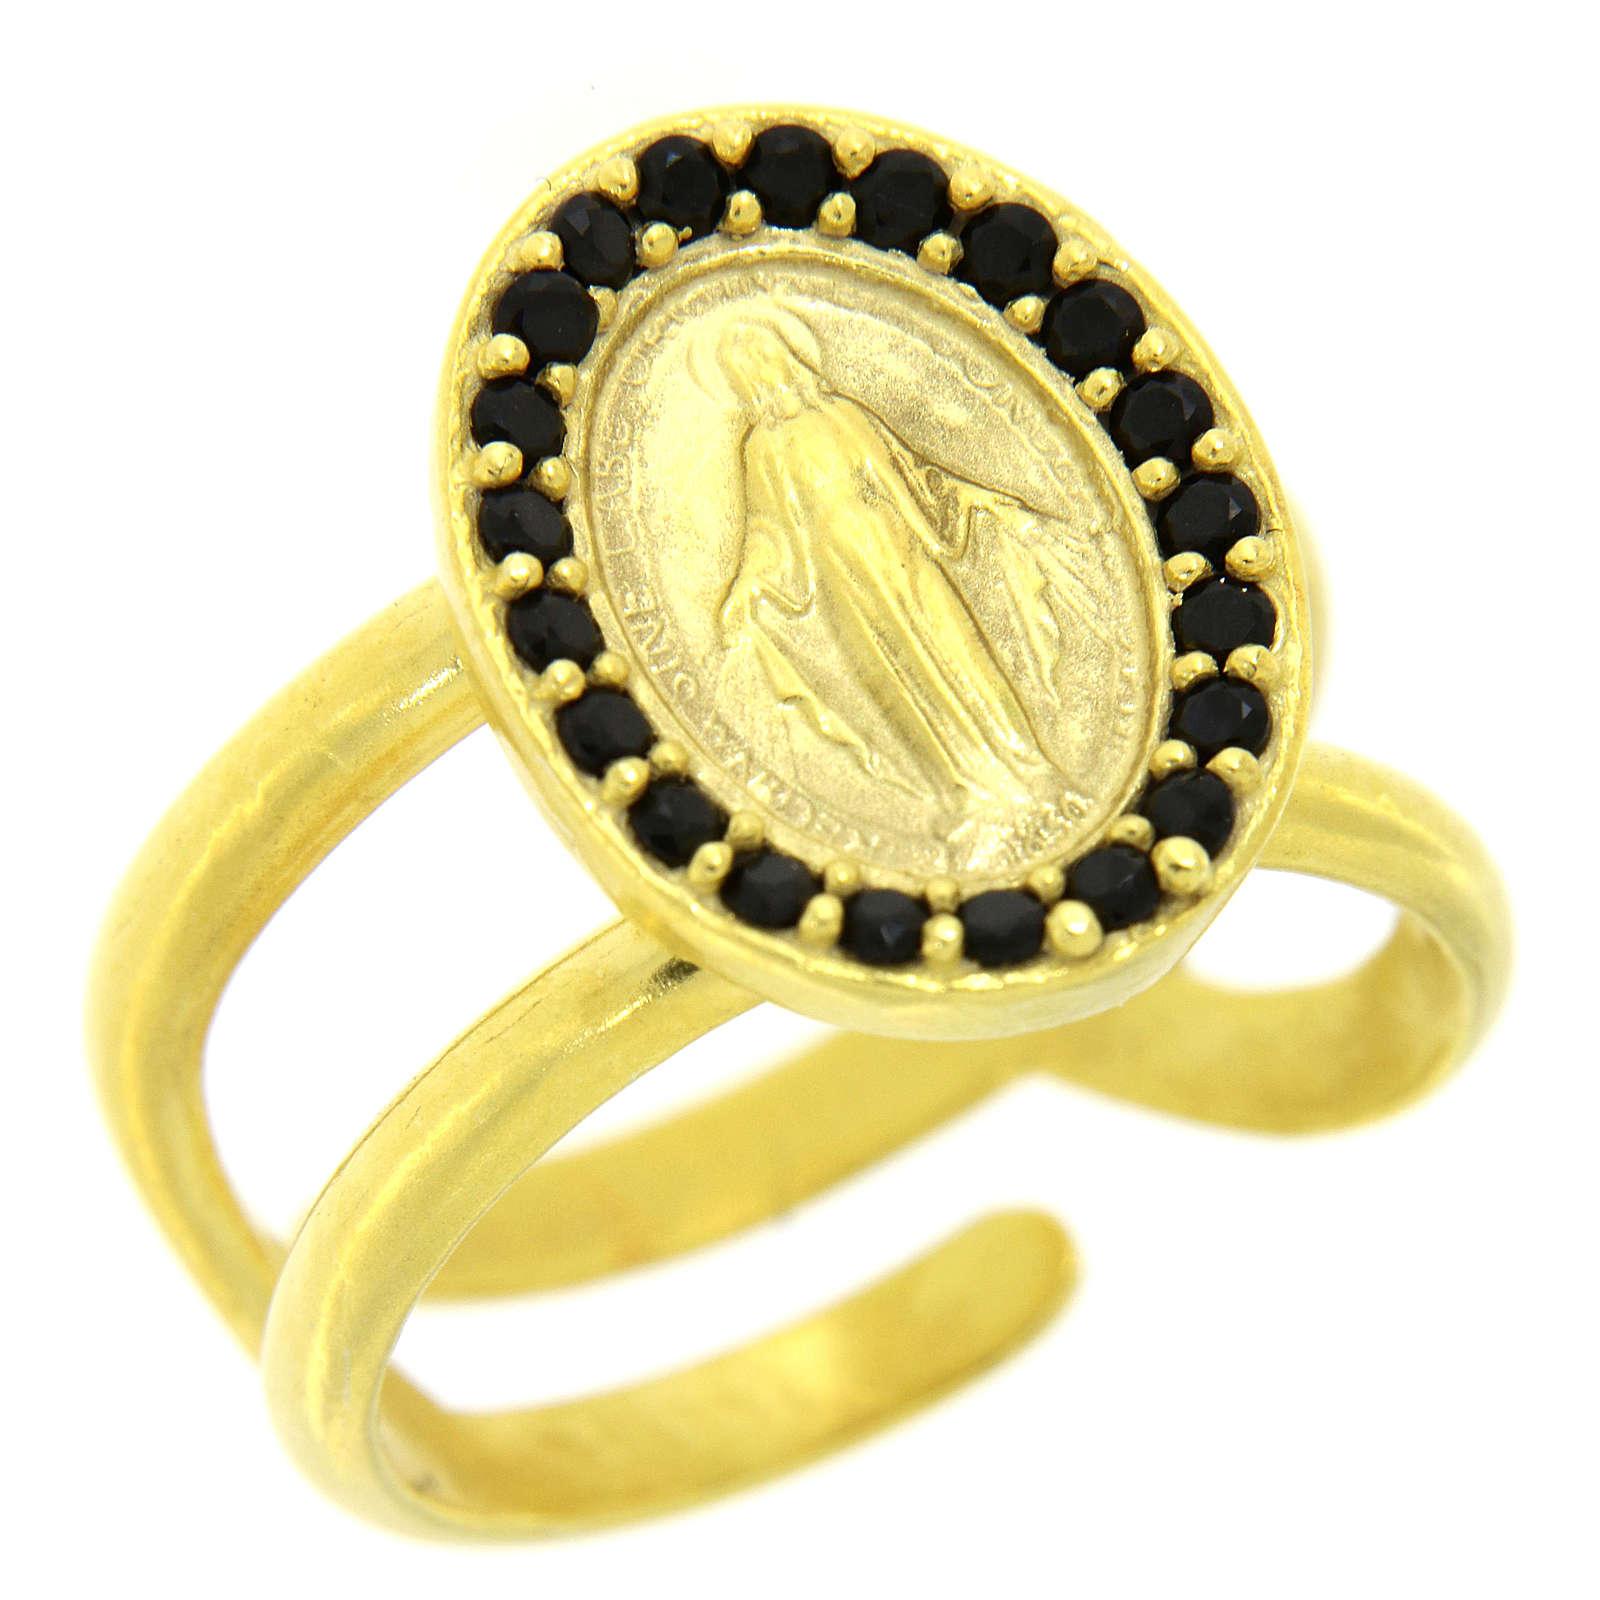 Anel prata 925 dourada regulável Medalha Milagrosa 3